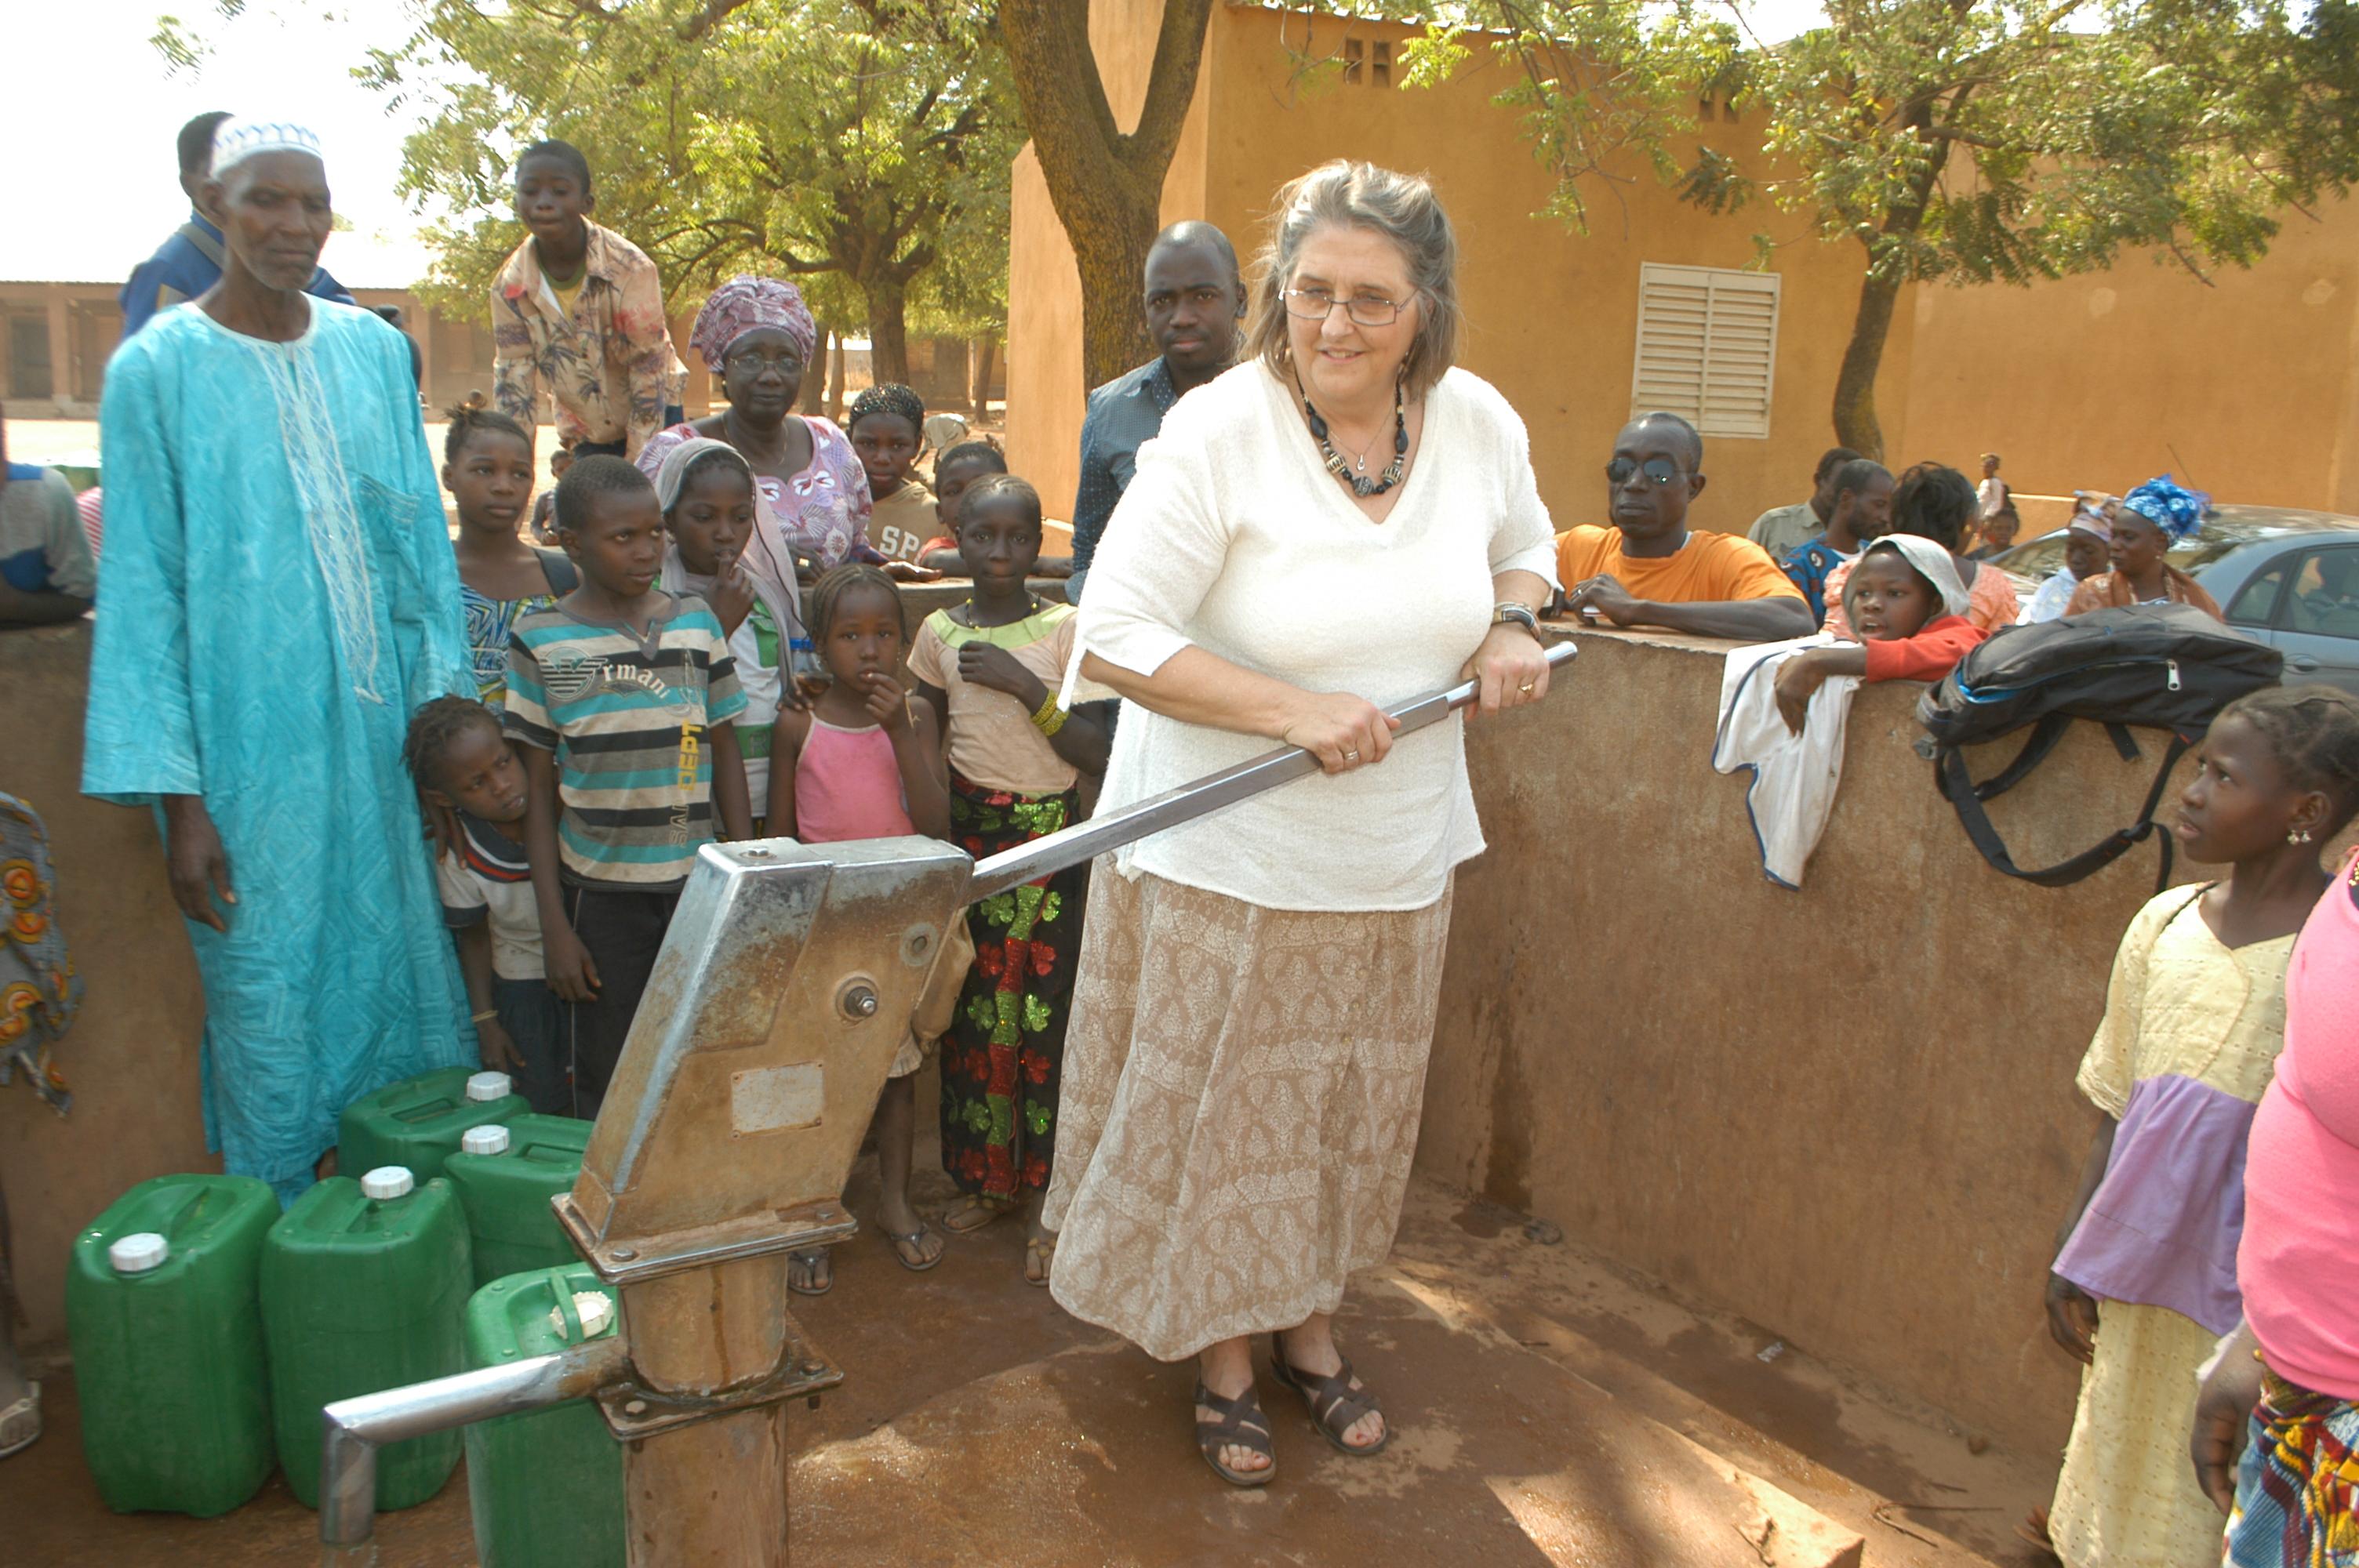 KULU's forkvinde ved vandpumpe i Narena, Mali